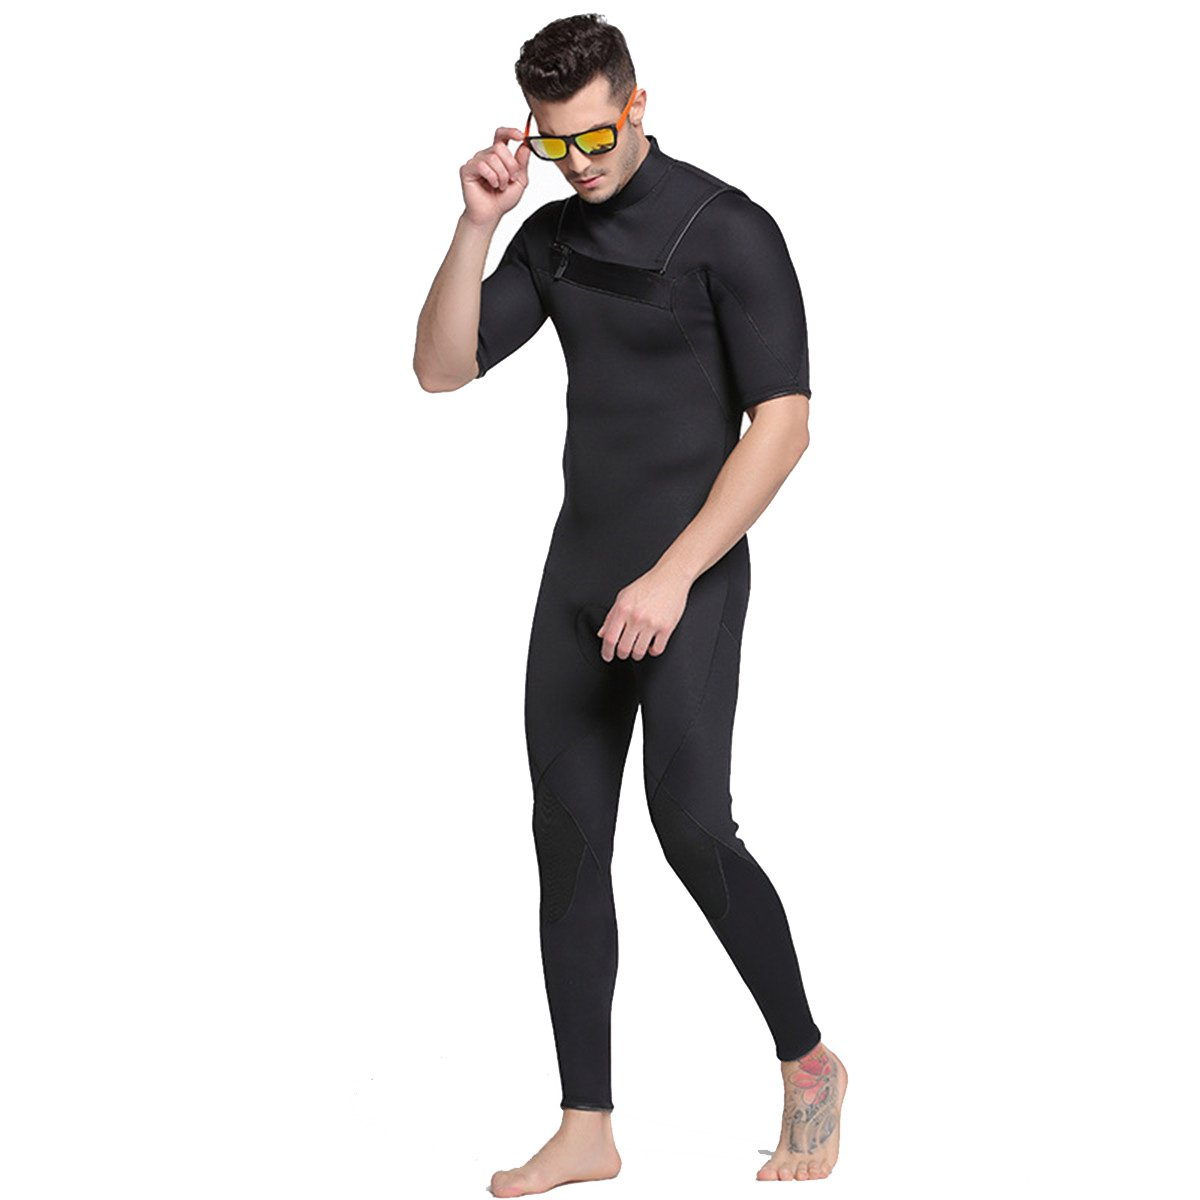 SANANG 3 MM Herren Einteilige Neopren Neoprenanzüge Tauchen Schwimmen Surfen Anzüge Warme Volle Badeanzug Nassanzug